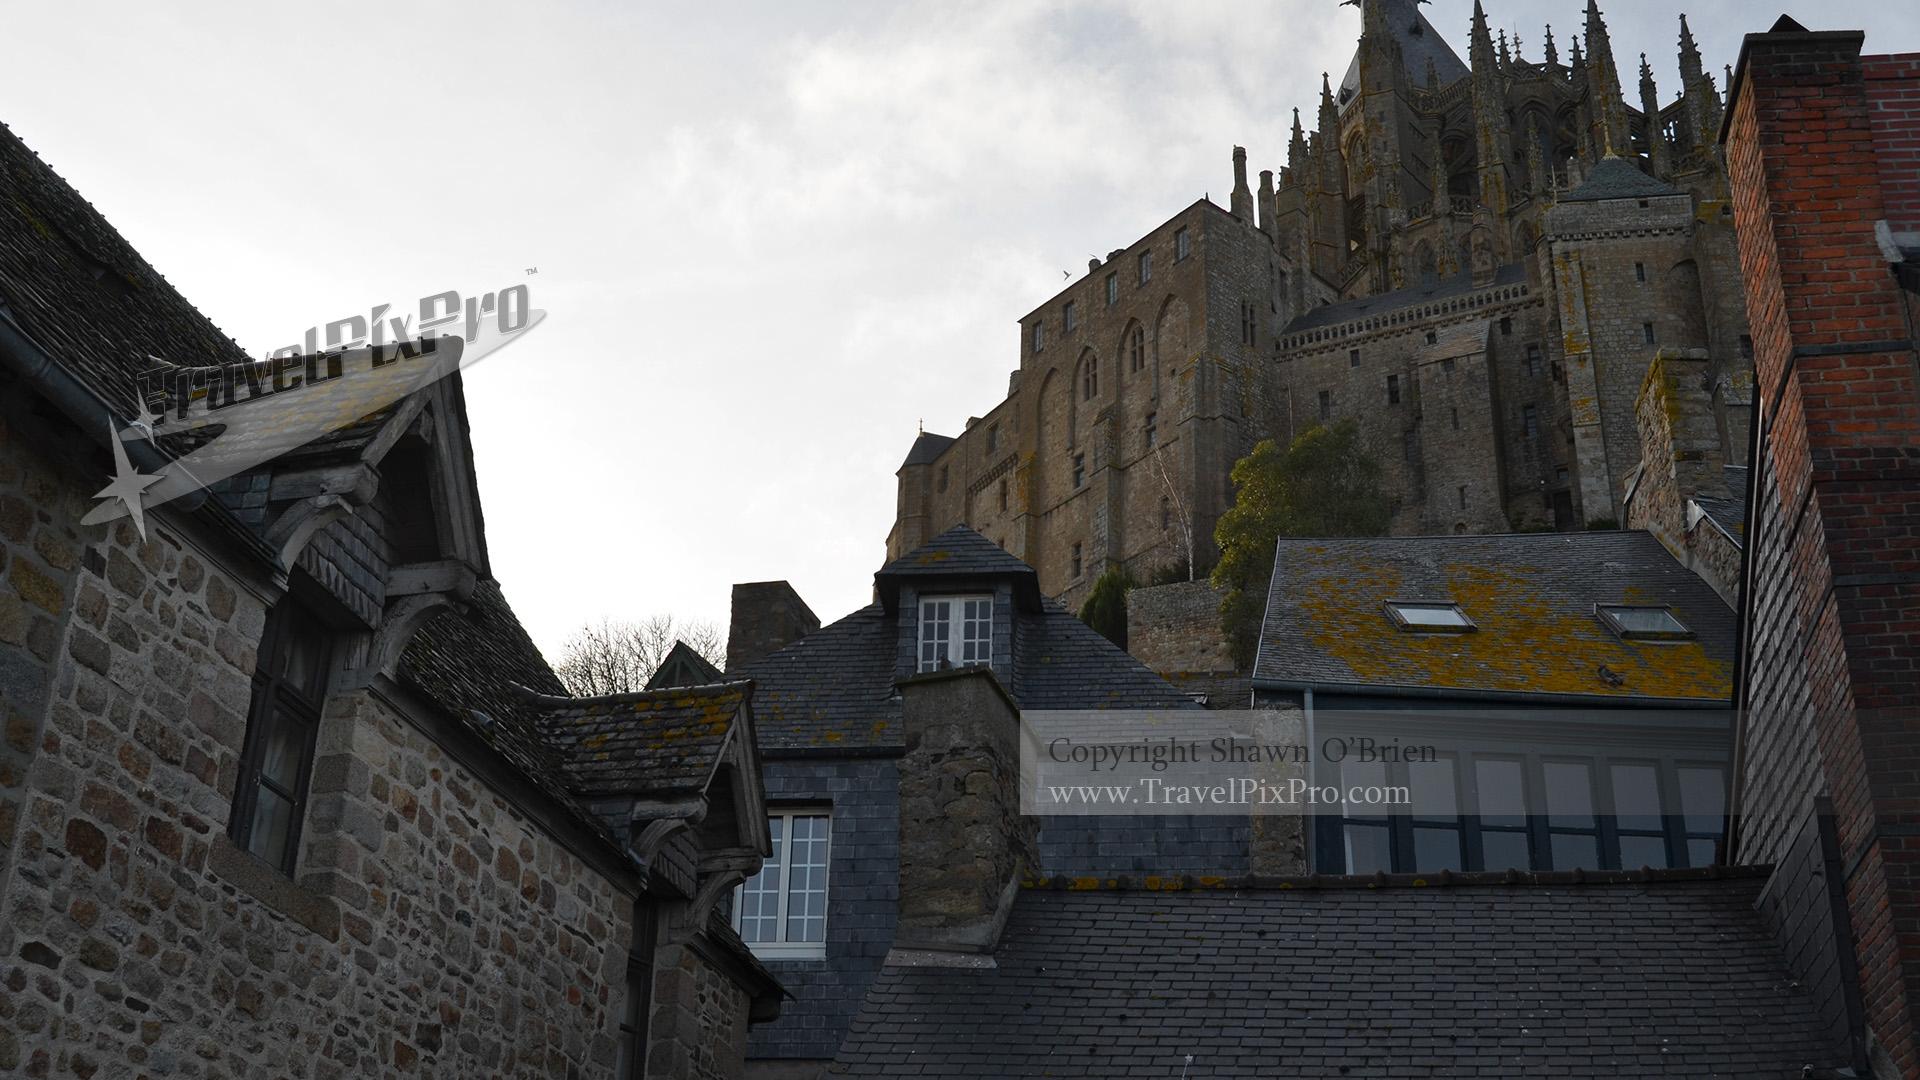 Le Mont Village Roofs below Le Mont